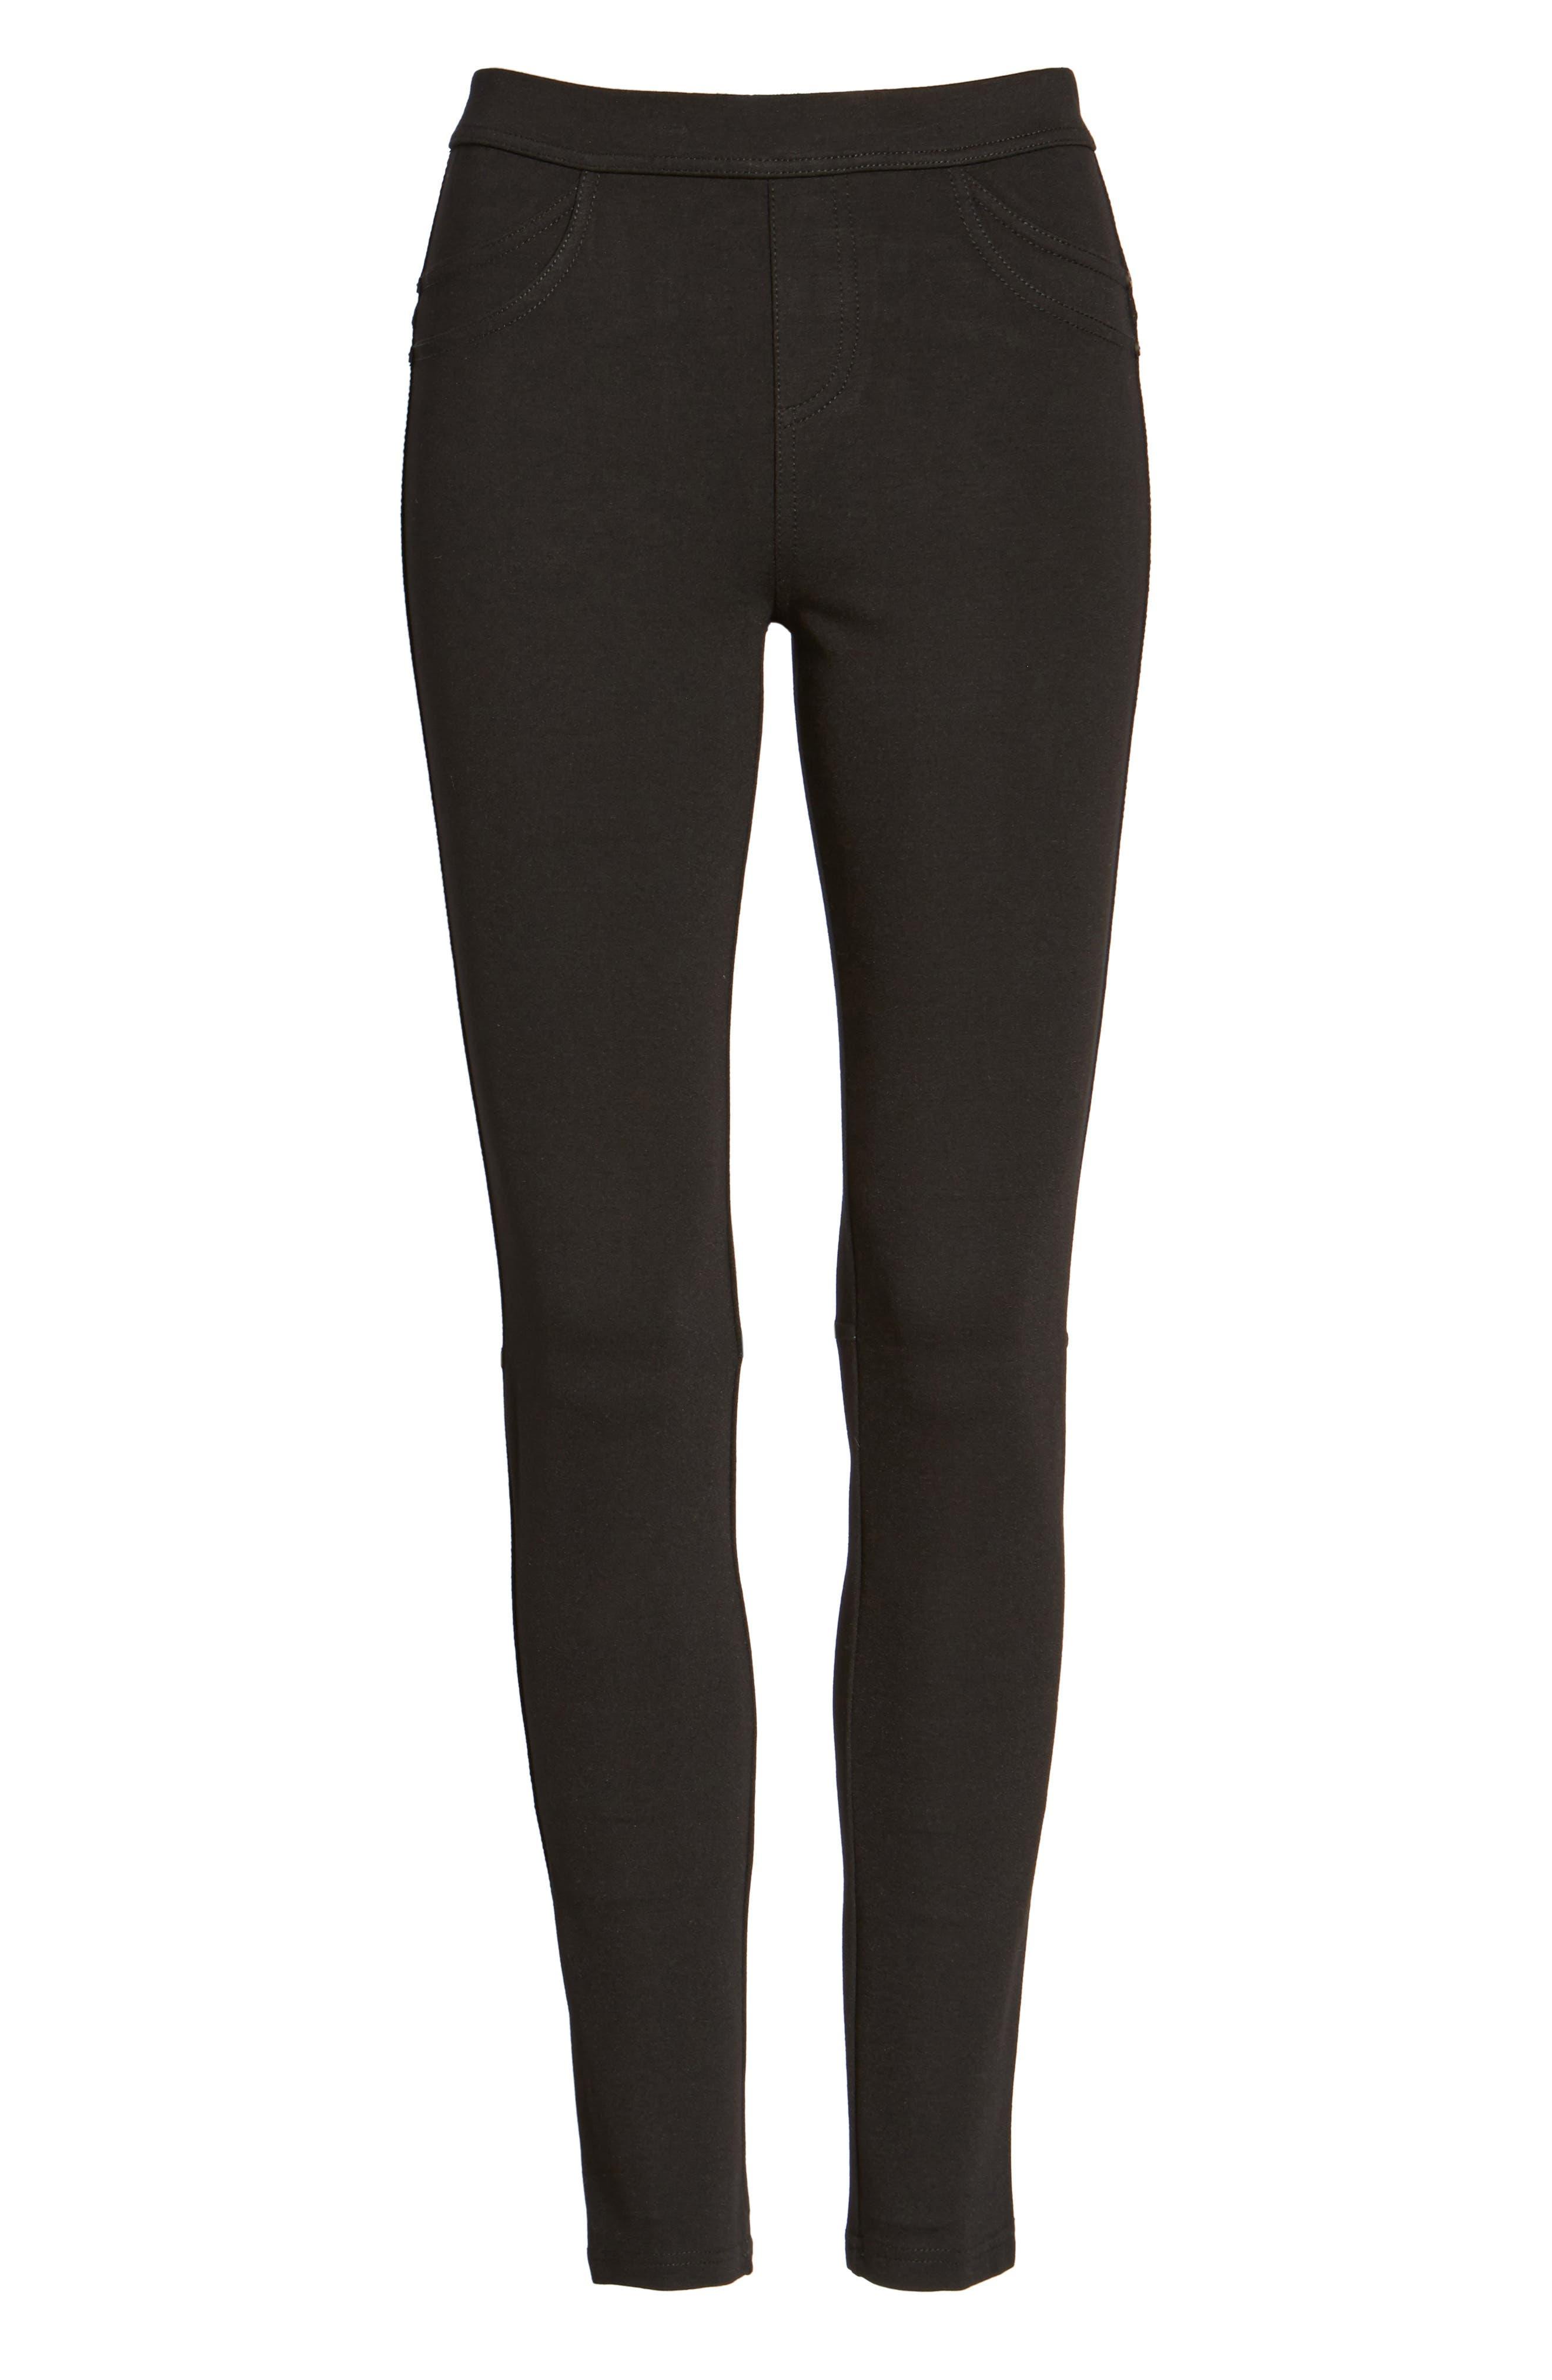 Grease Leggings,                         Main,                         color, BLACK